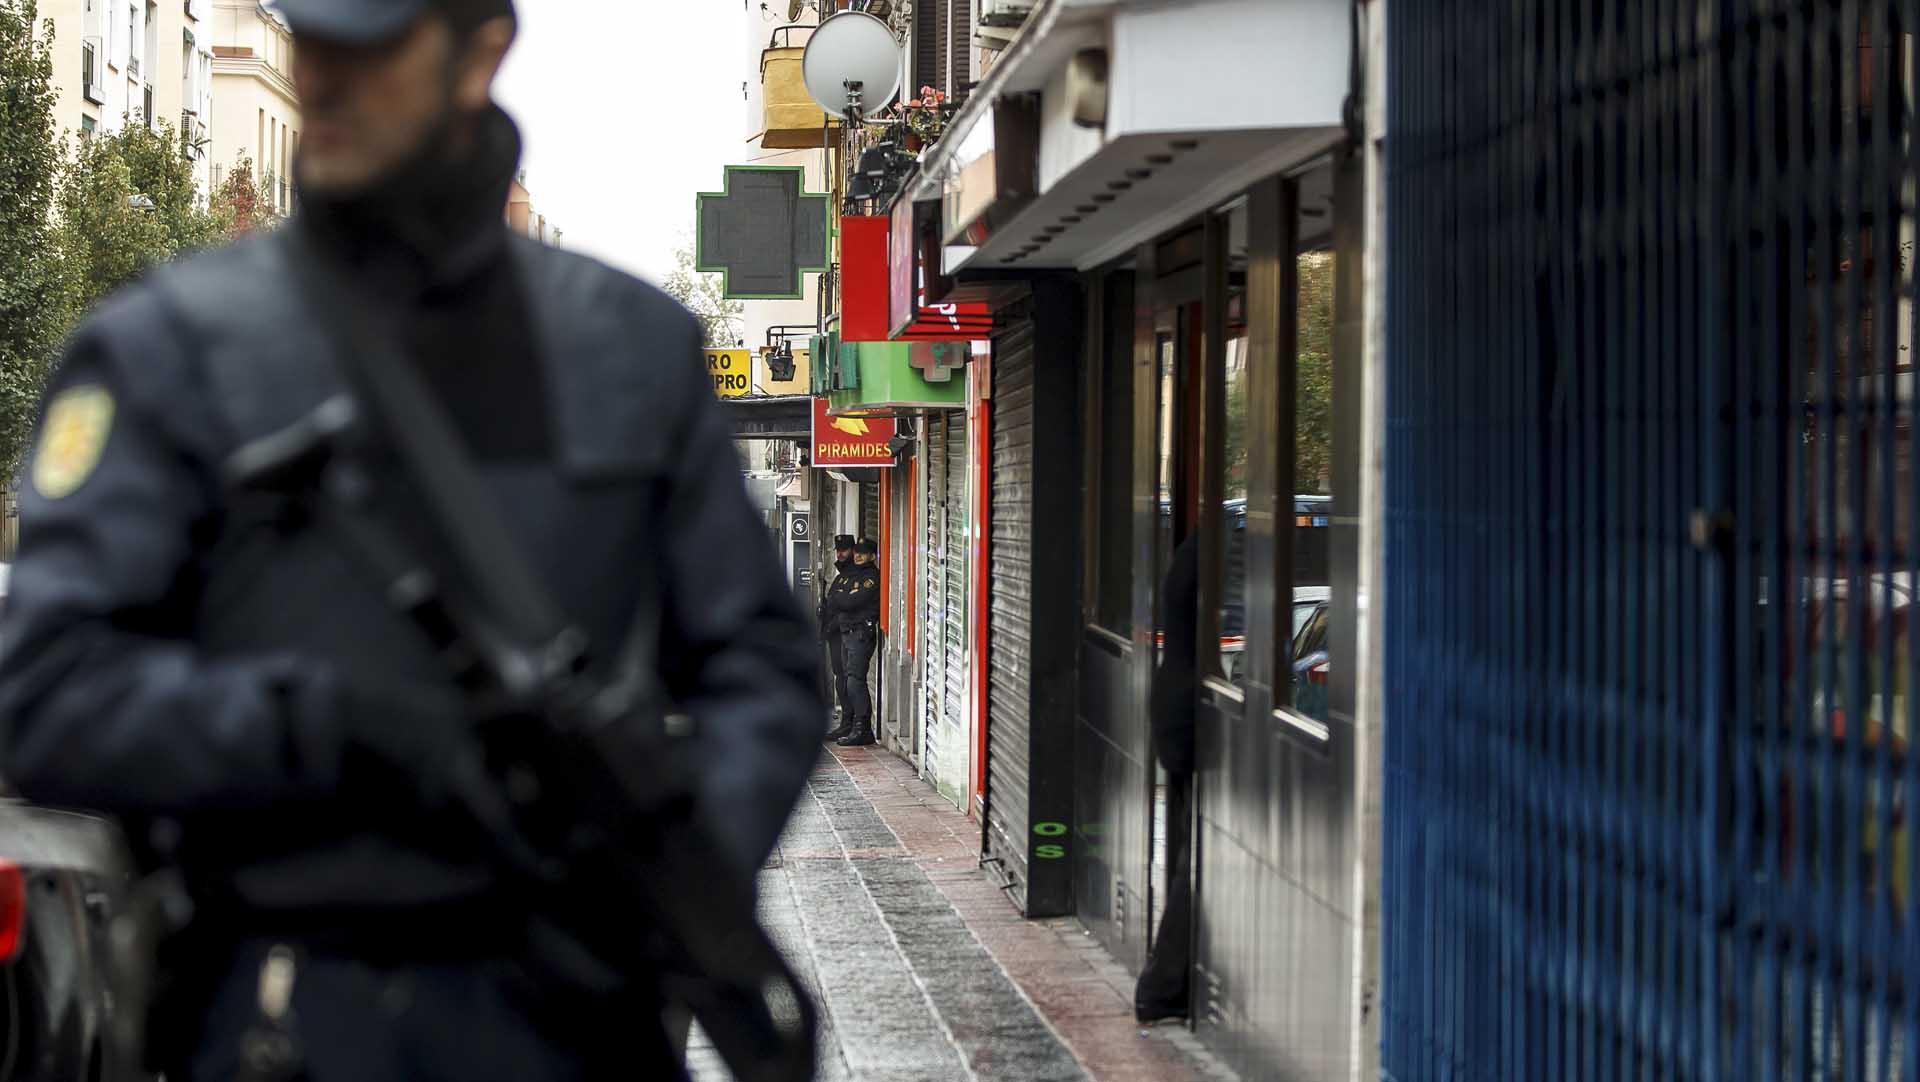 Las fuerzas de seguridad españolas han detenido a 90 personas relacionadas con el yihadismo